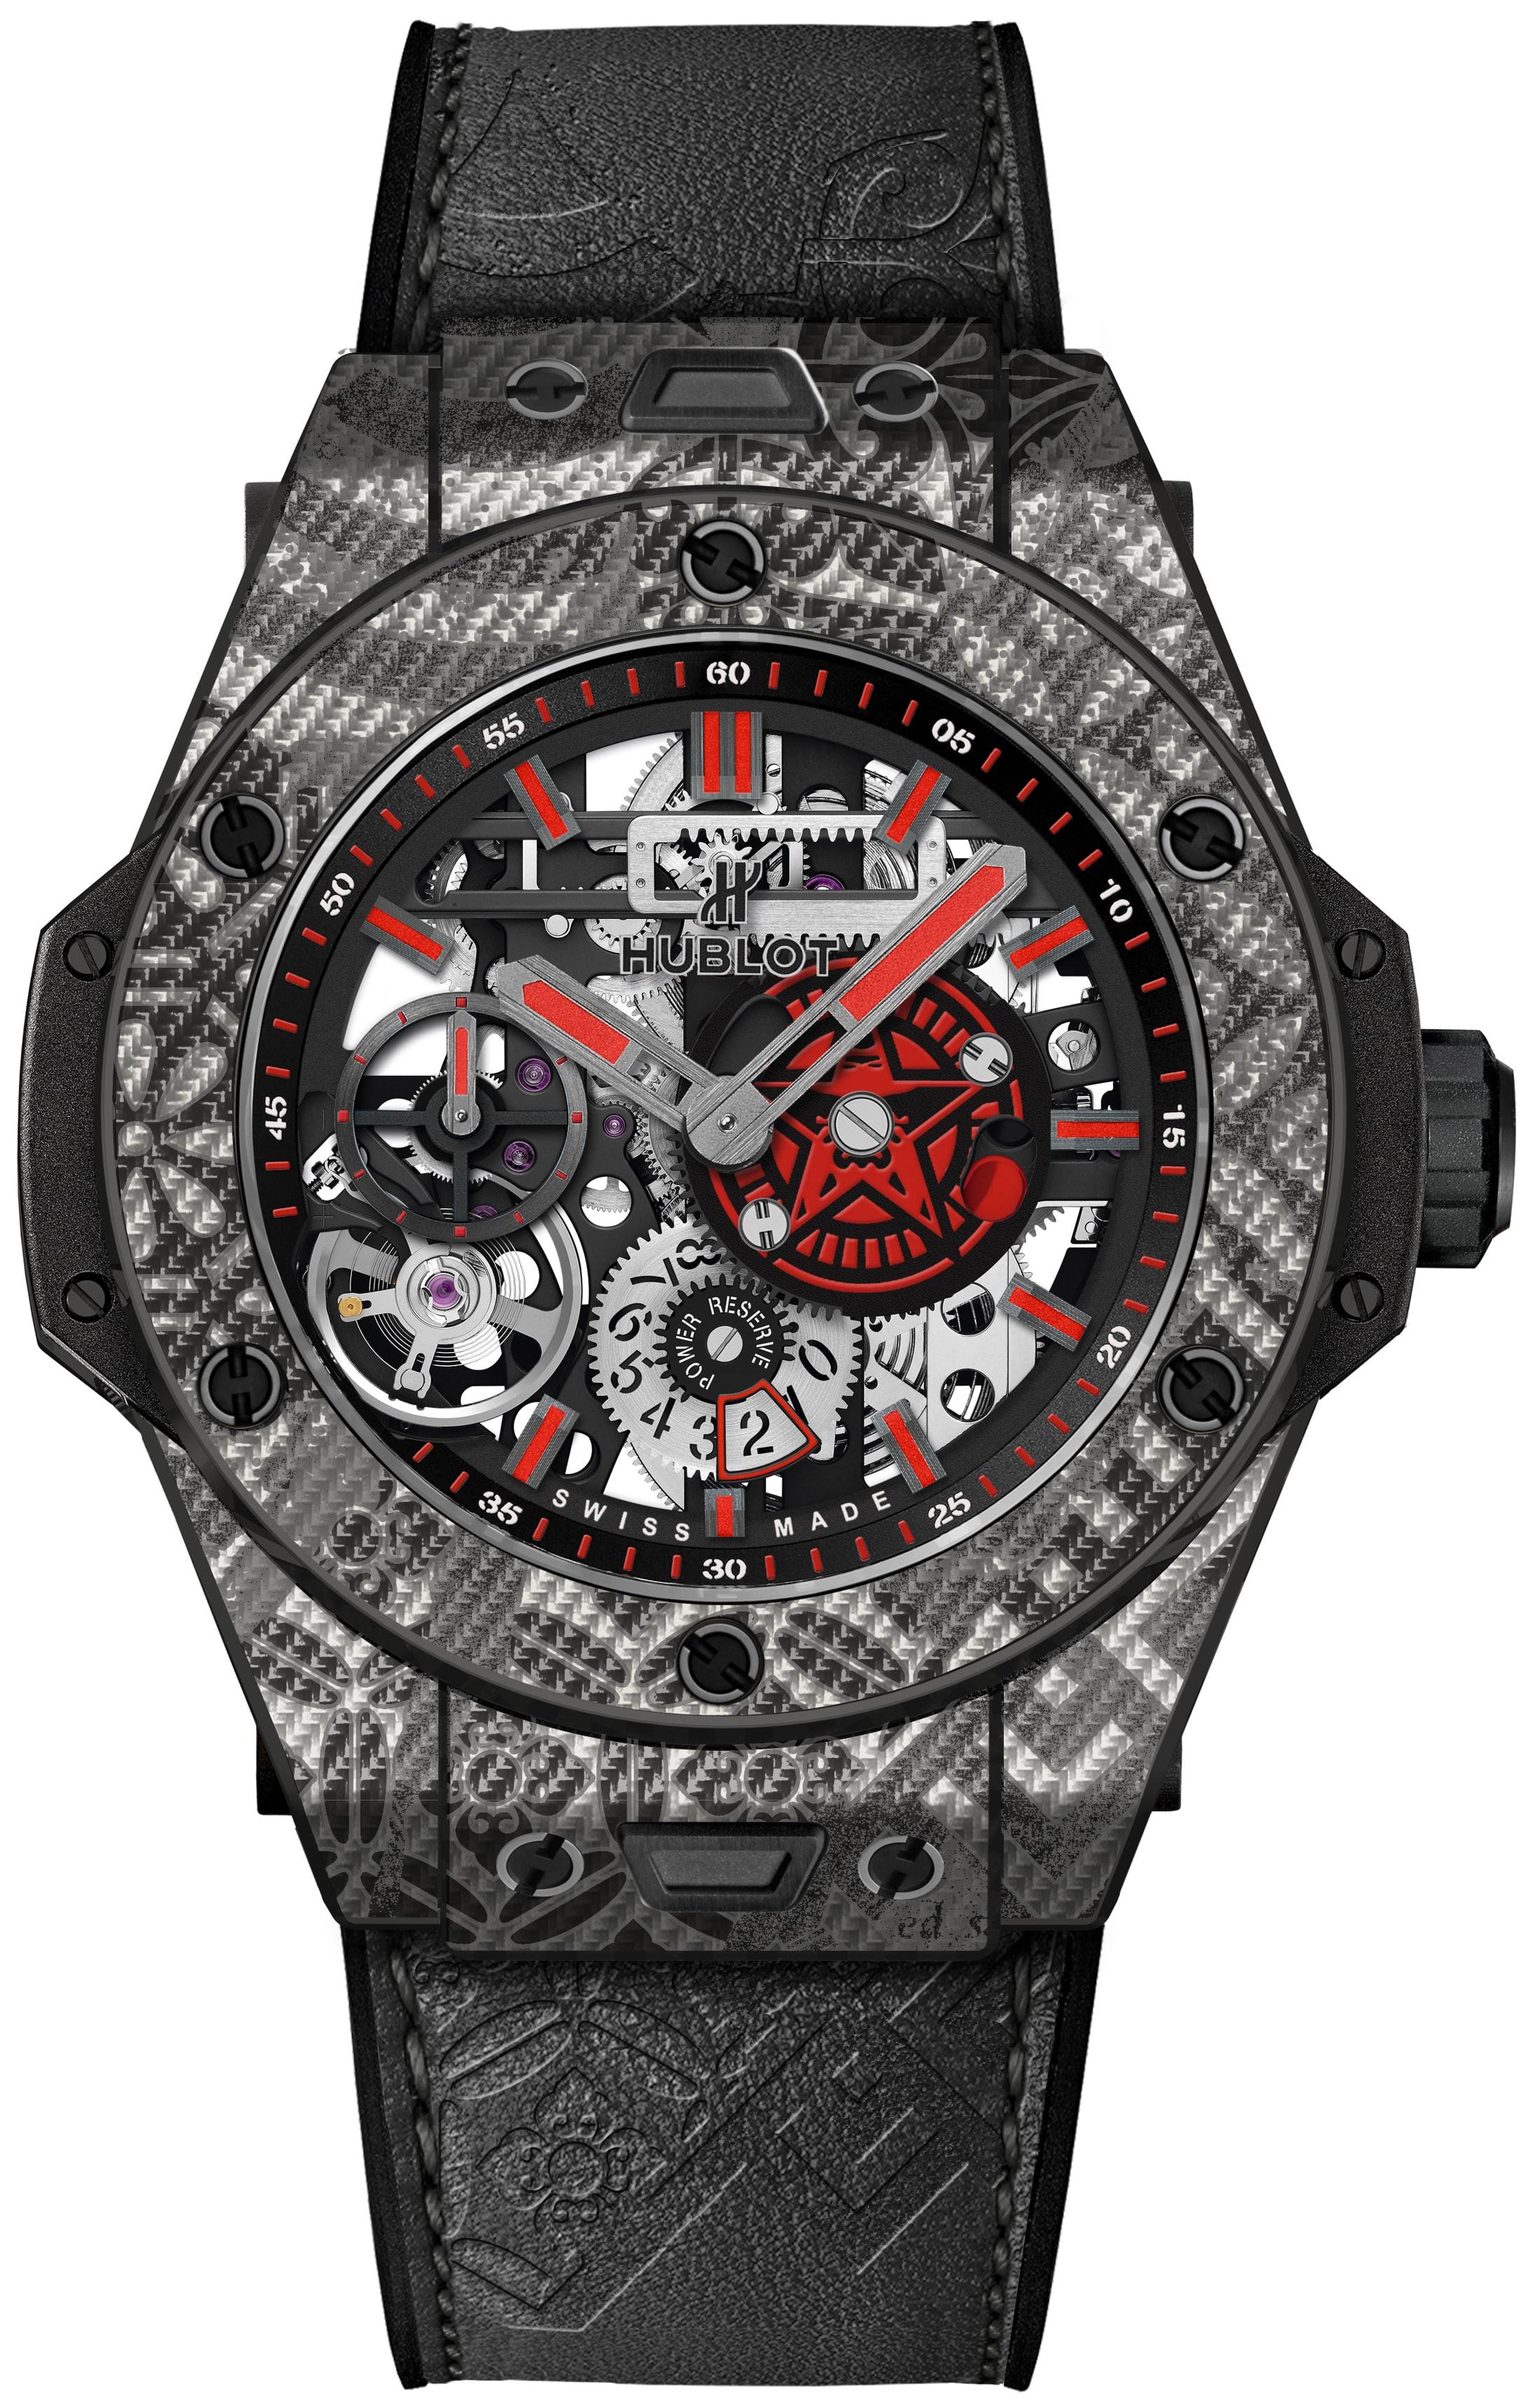 Шепард часы купить tissot механические часы купить в